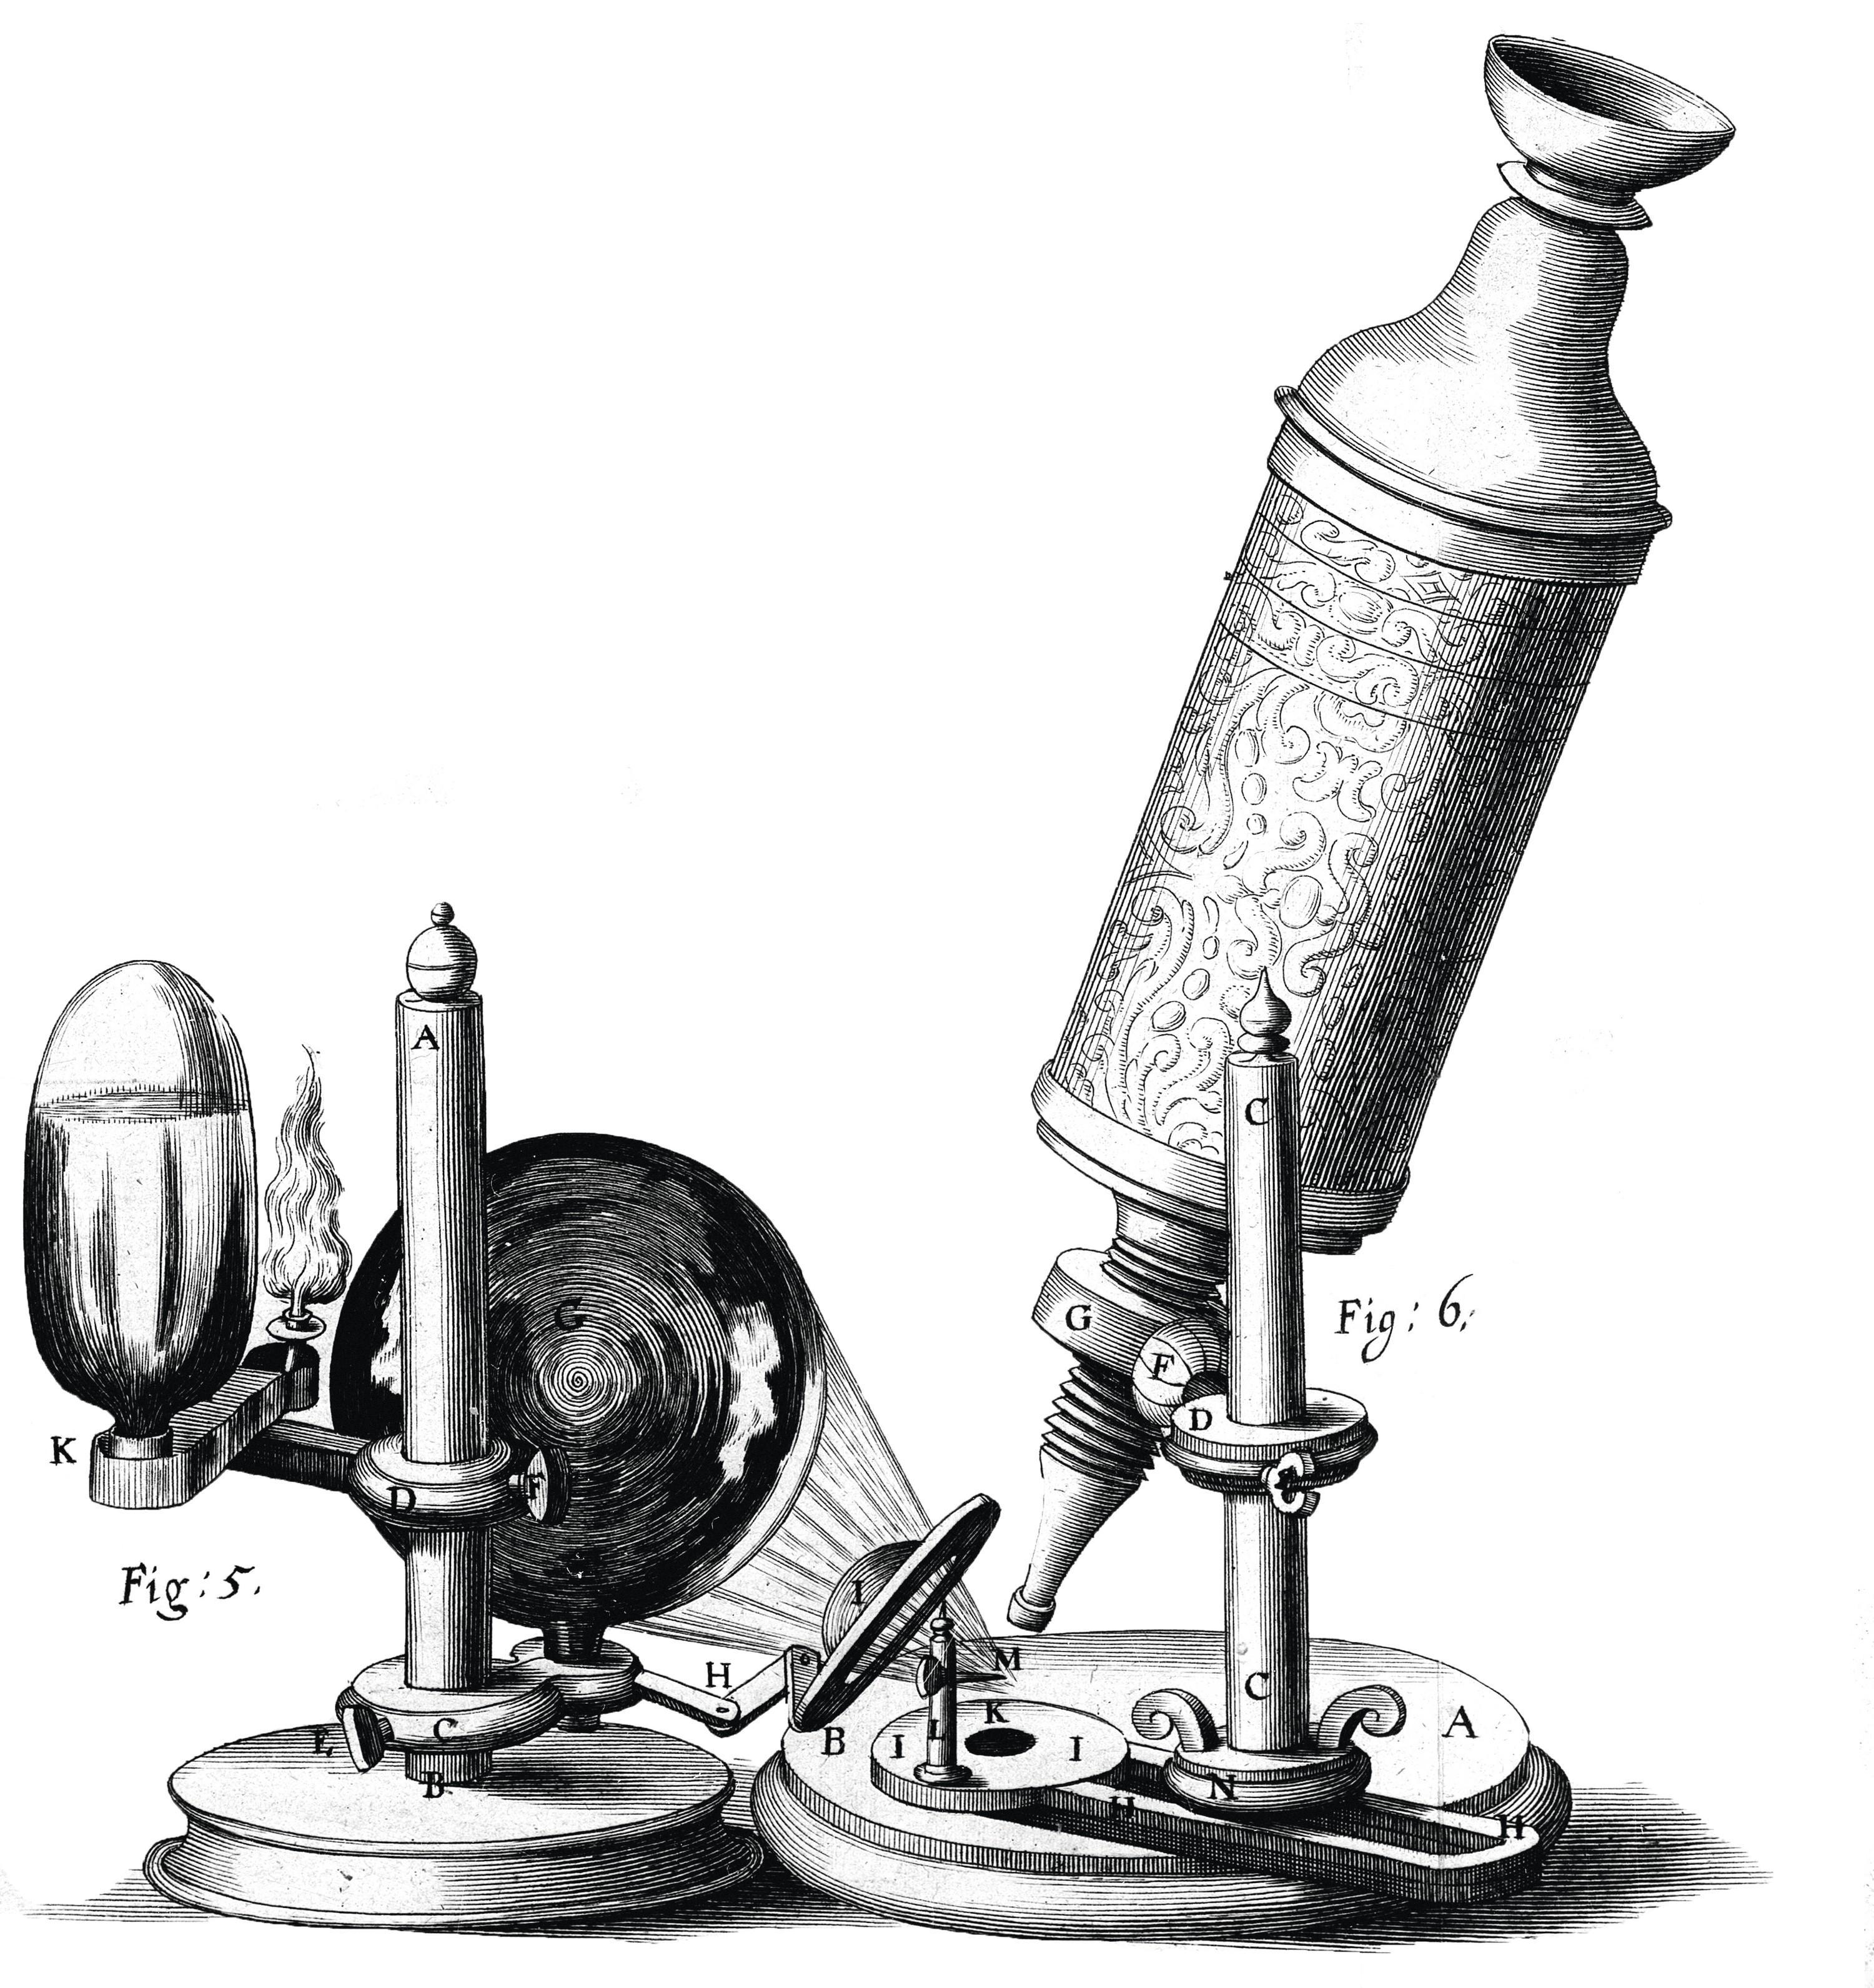 Représentation du microscope fabriqué par Robert Hooke.